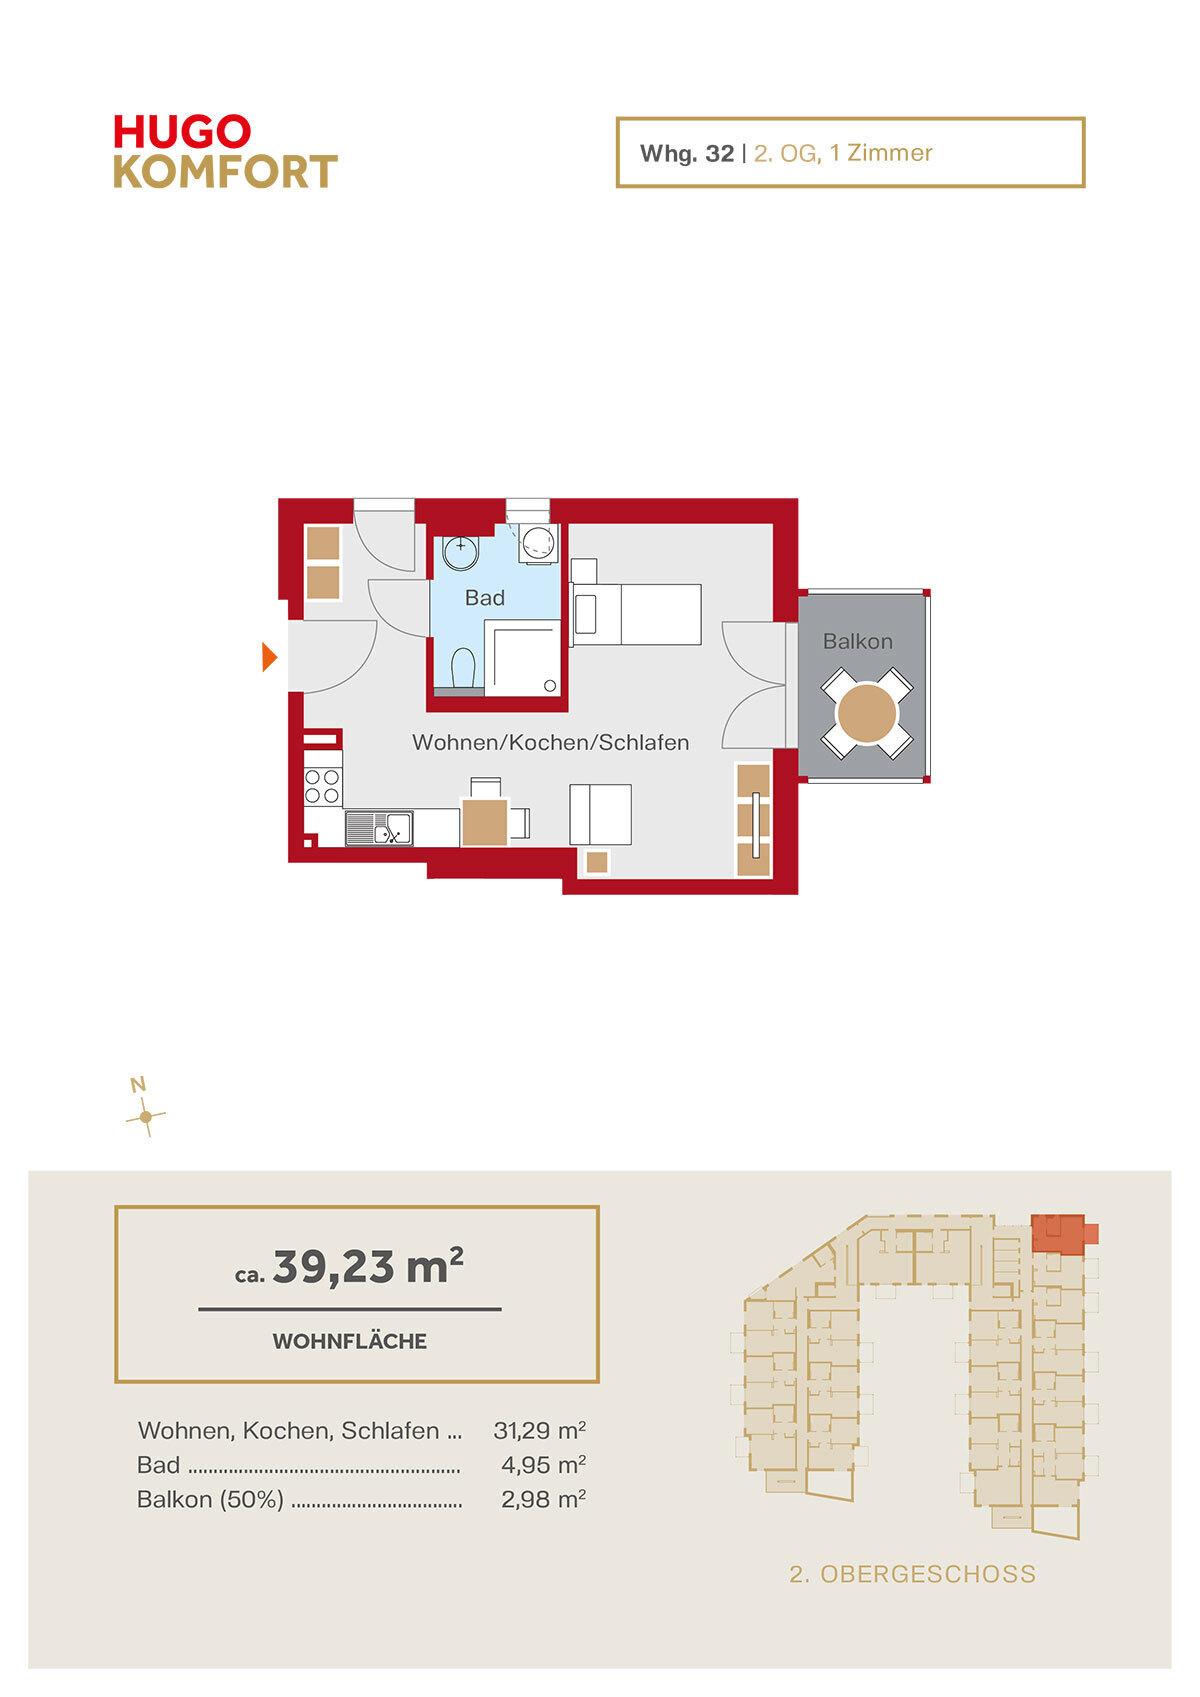 HUGO KOMFORT – Grundriss | Winkler & Brendel Immobilien